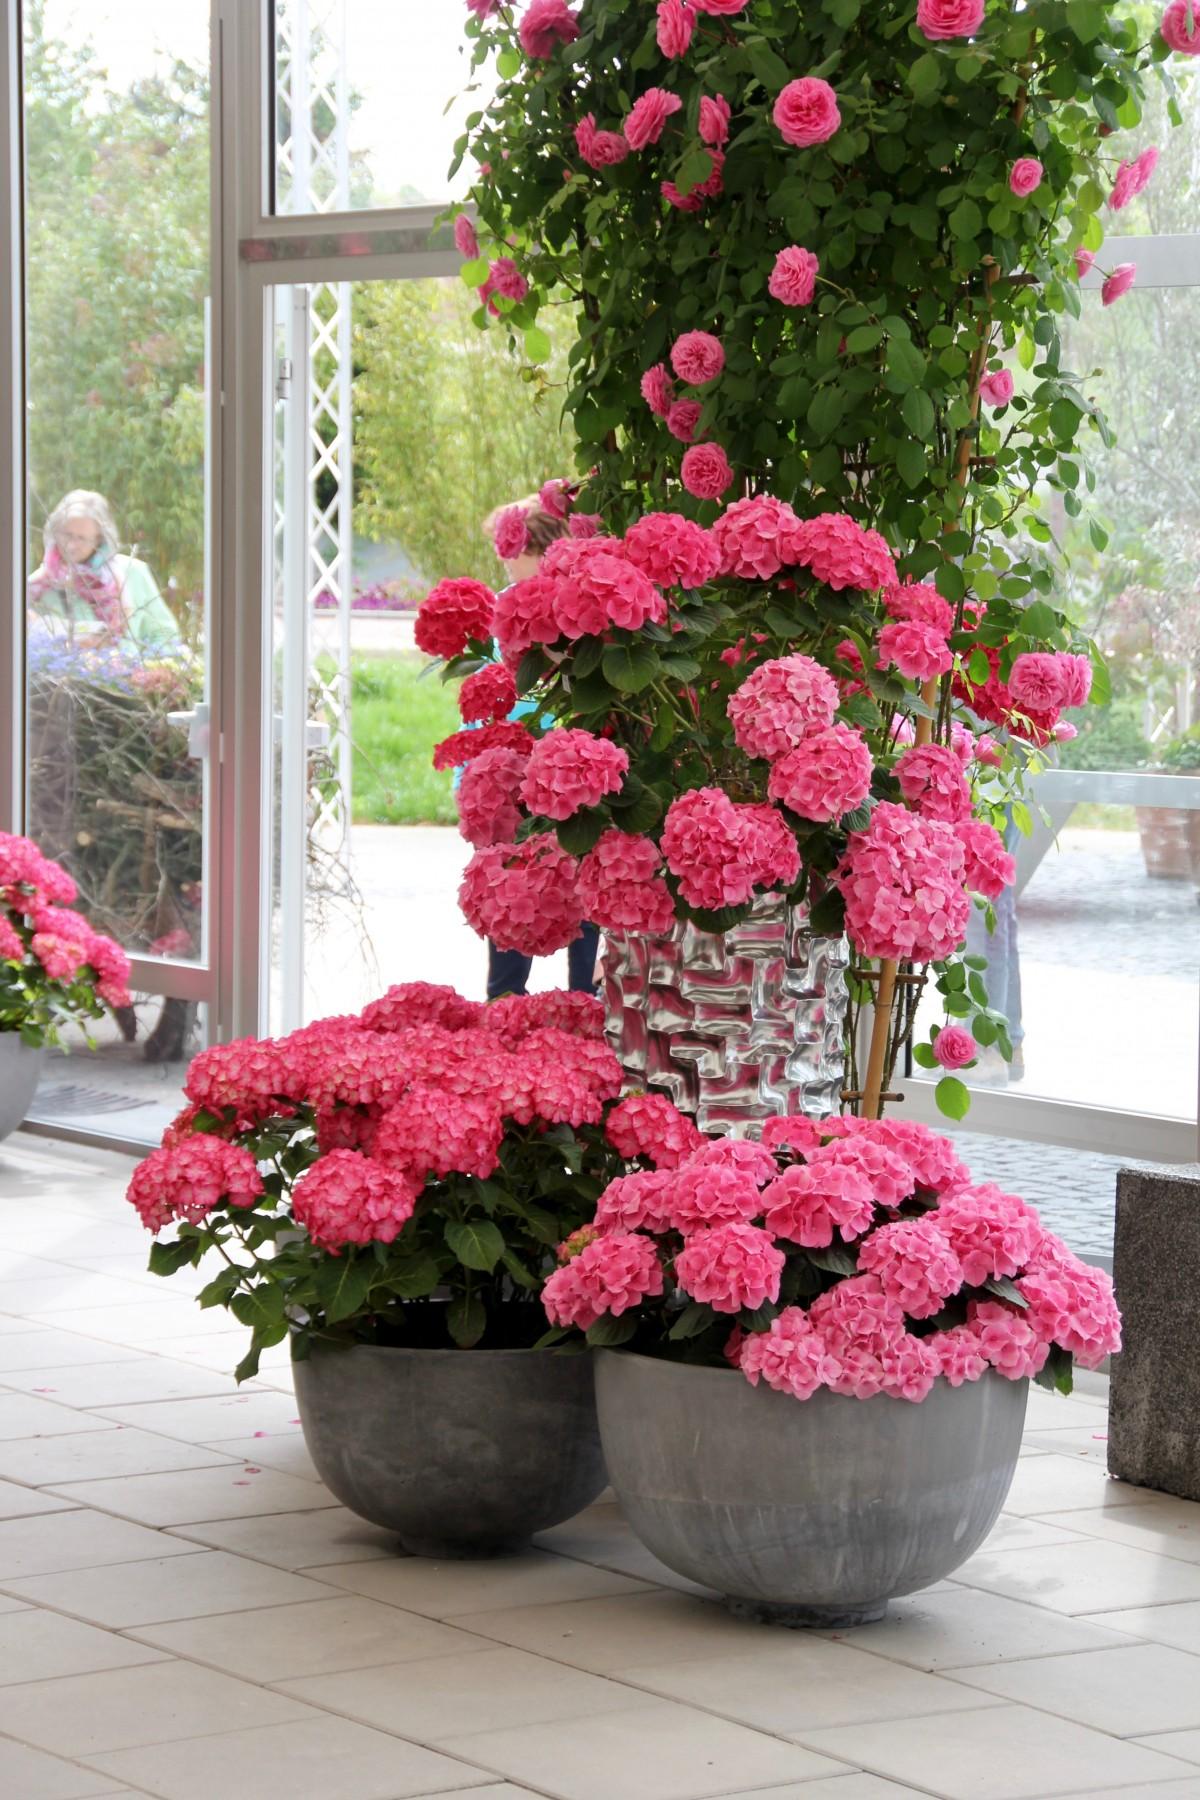 Banco de imagens plantar flor decora o rosa - Cortar hierba alta ...